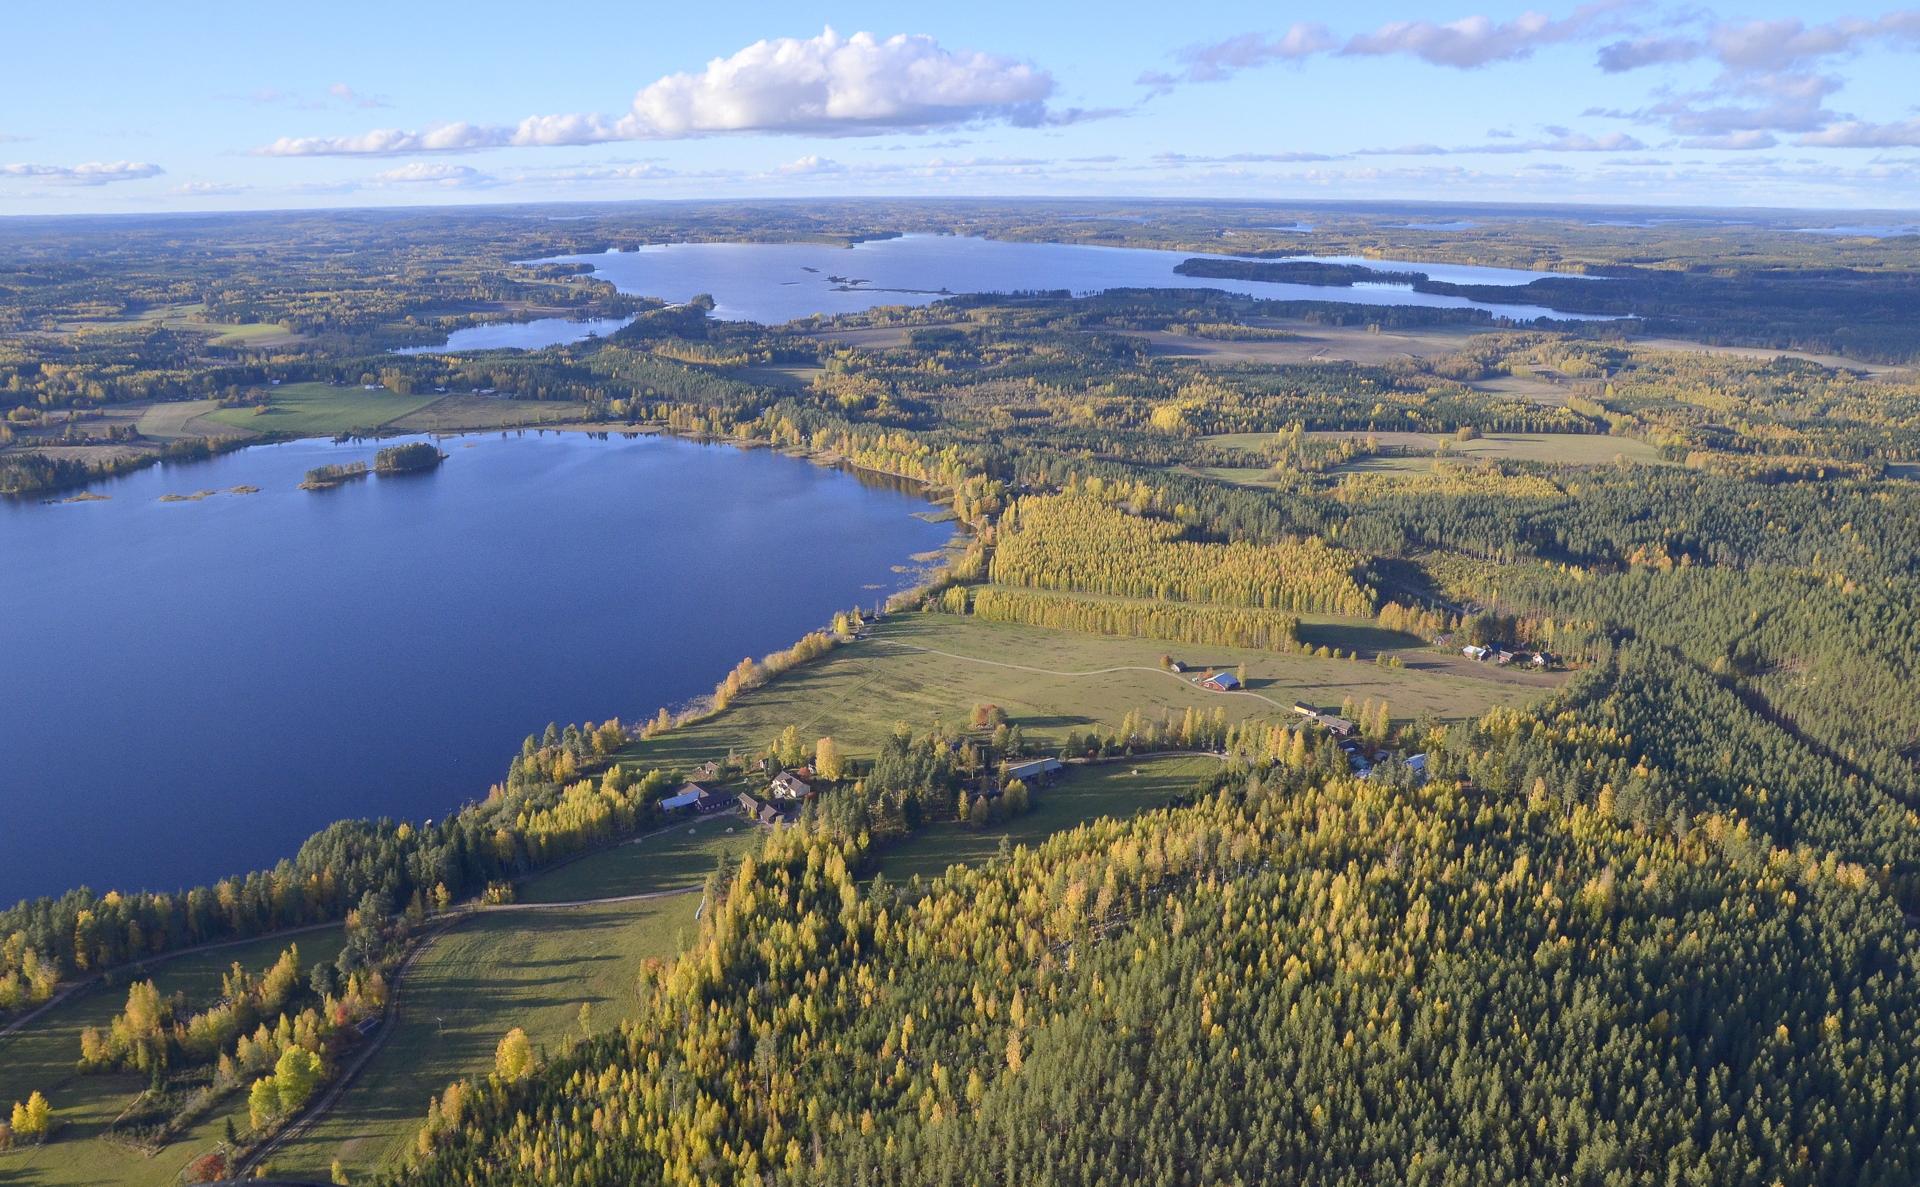 Kisakeskuksen maisemat Saarijärven suuntaan nähtynä, tuolla Summasjärven takana Saarijärvi.